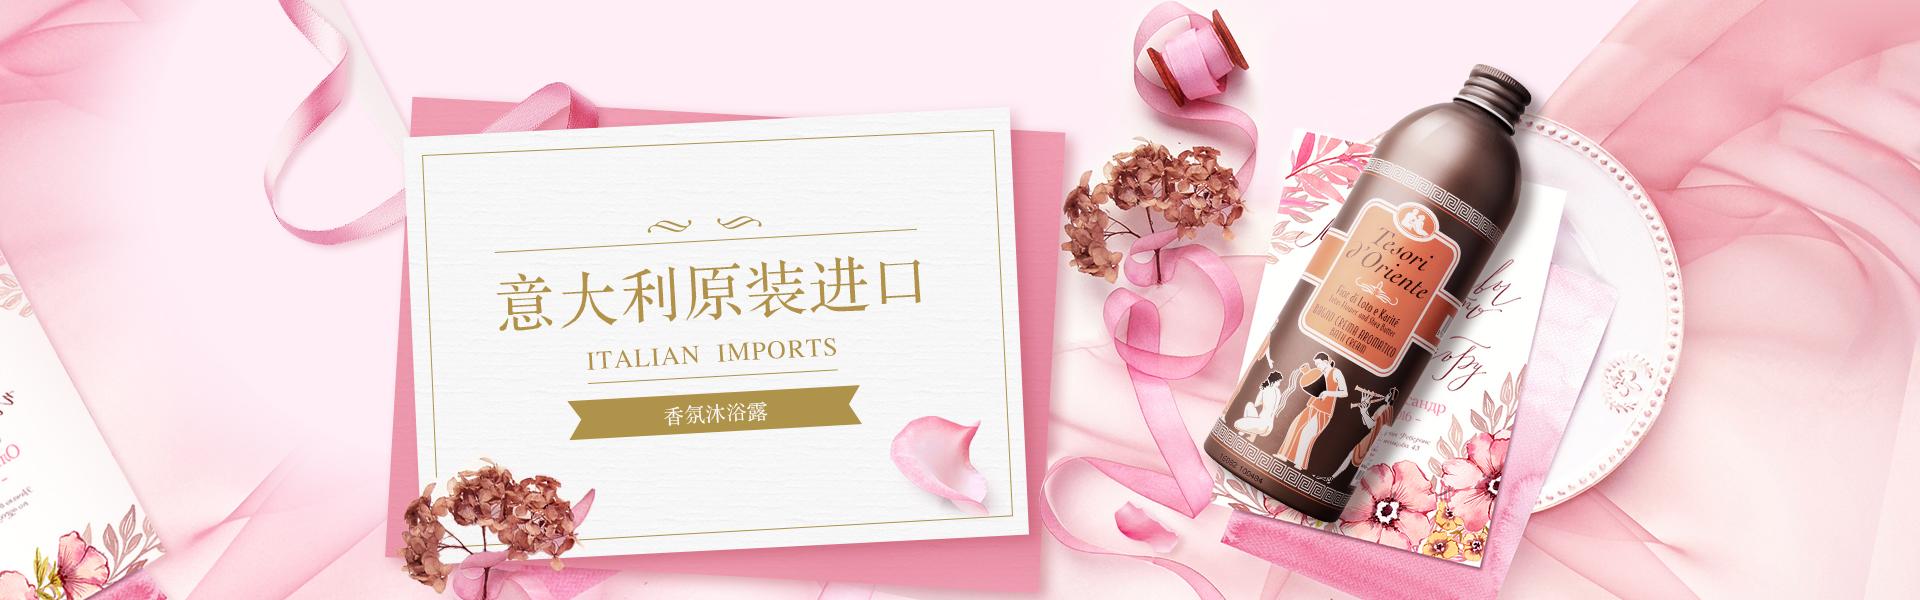 东方宝石沐浴露和身体乳相关产品图之意大利原装进口介绍